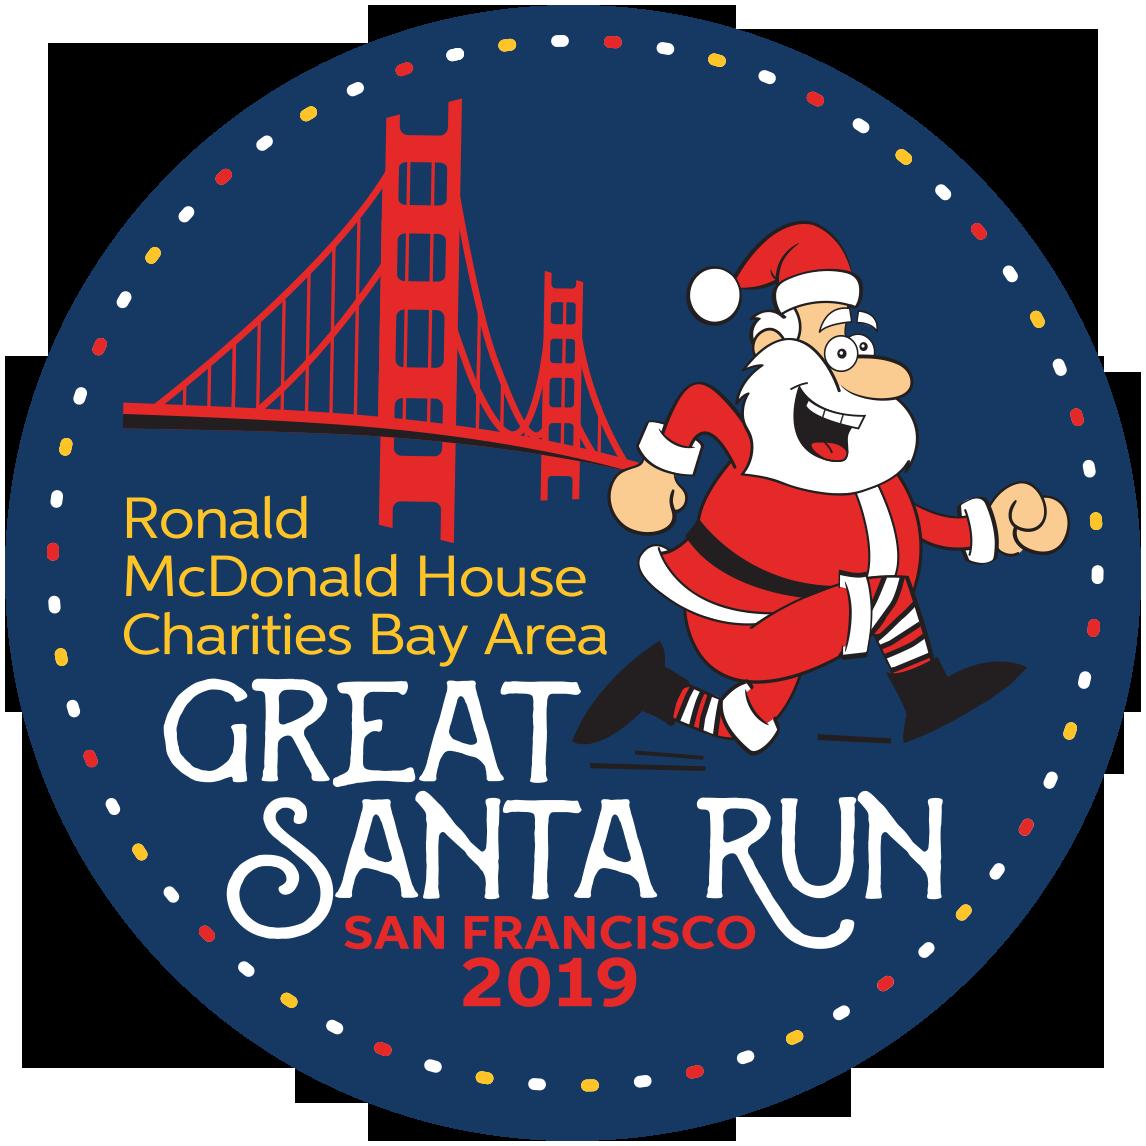 071919_The_Great Santa_Run_San_Francisco_Logo.png